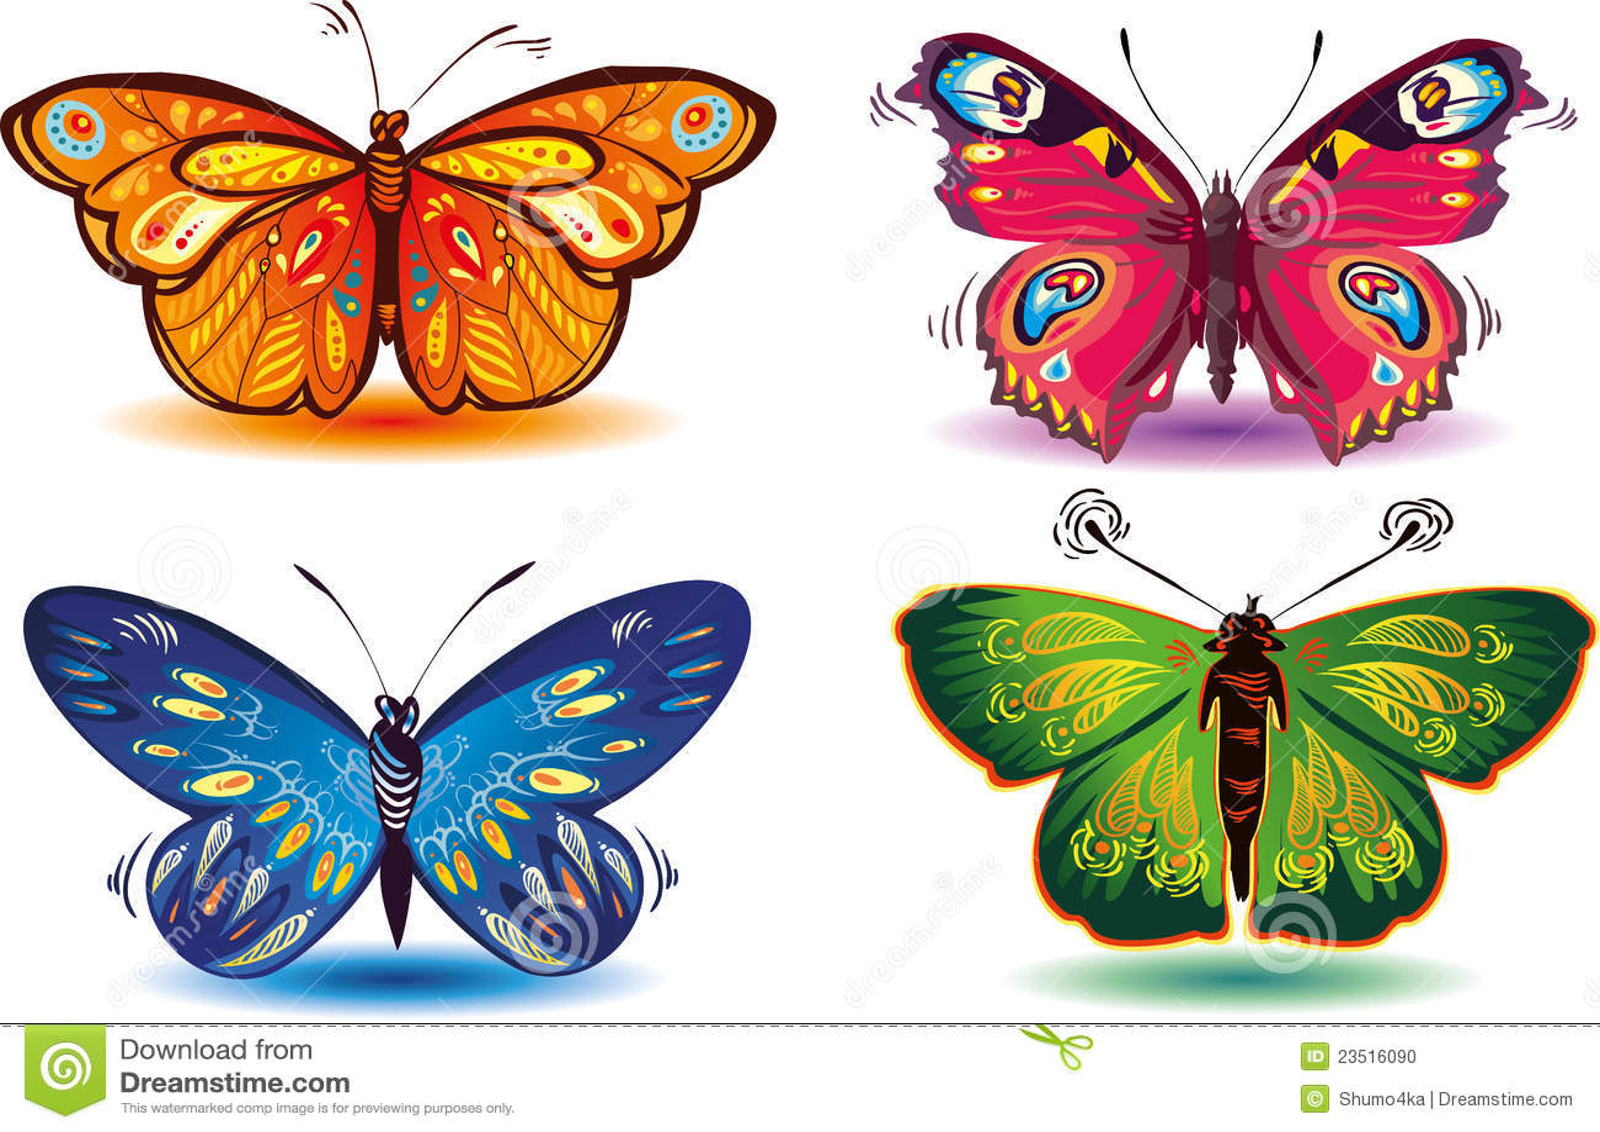 Imagenes de mariposas de colores brillantes imagui - Imagenes de mariposas de colores ...